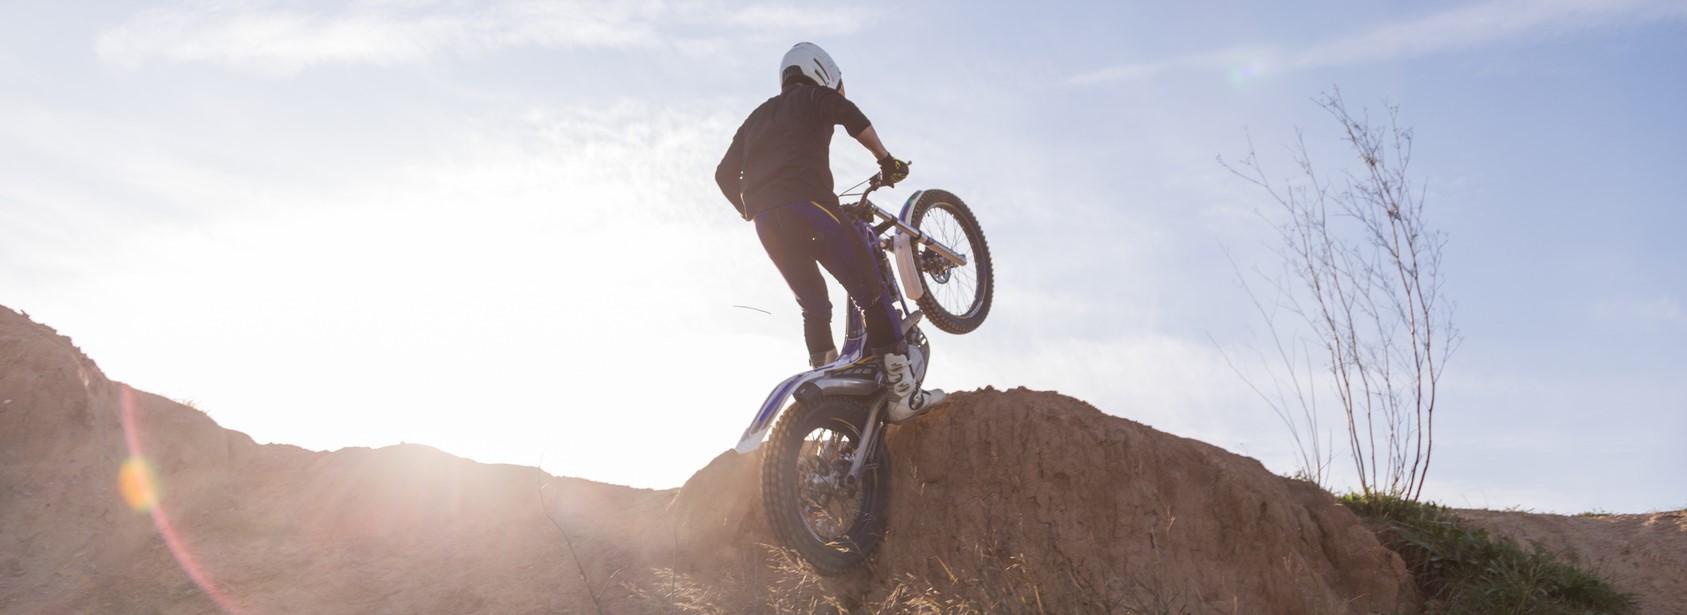 Photographie d'un usager en moto-cross.